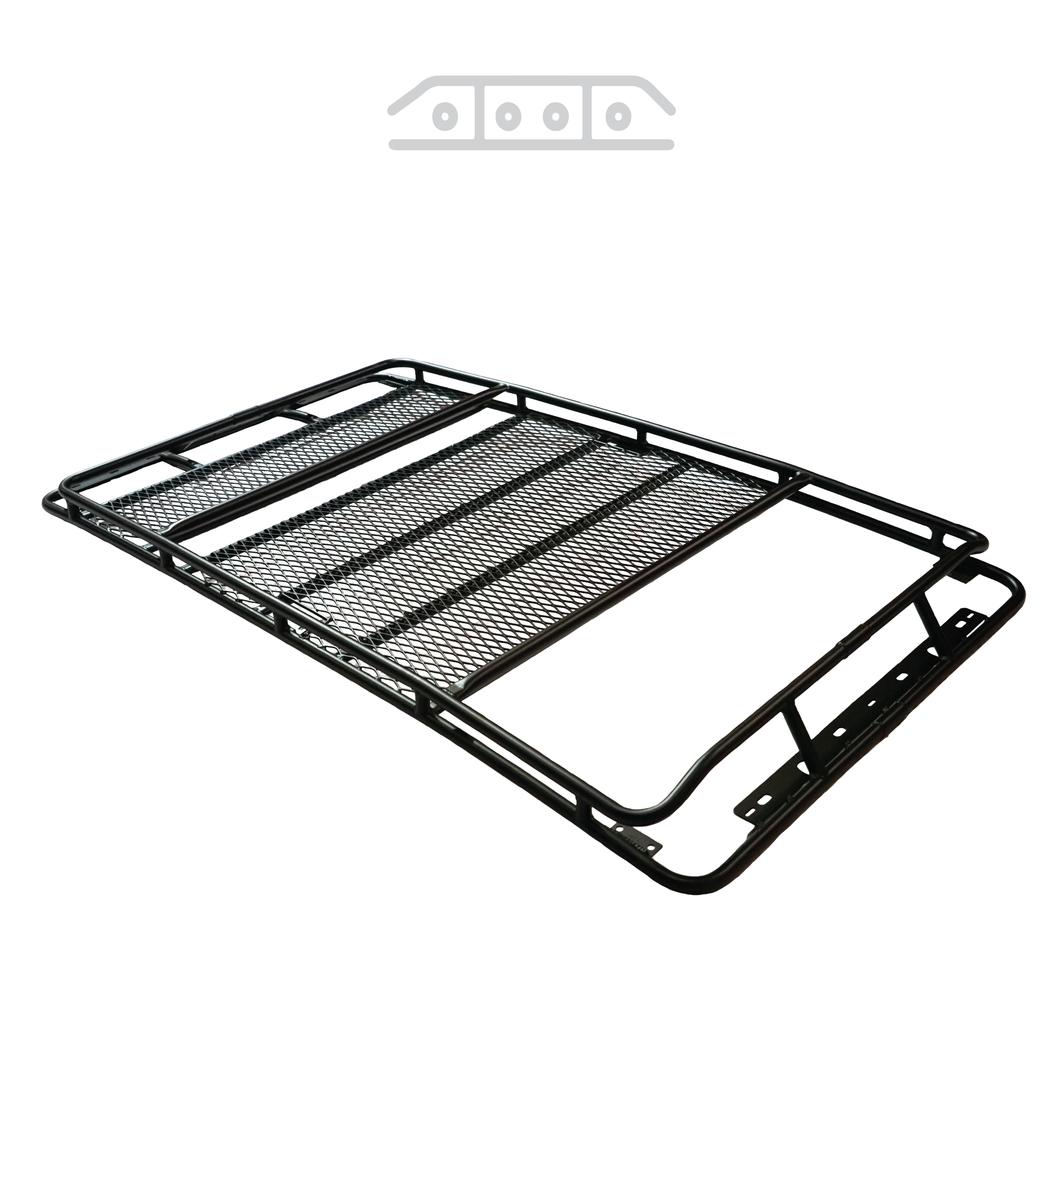 Roof Rack Light Bar Gobi Racks Stealth Style Recon For